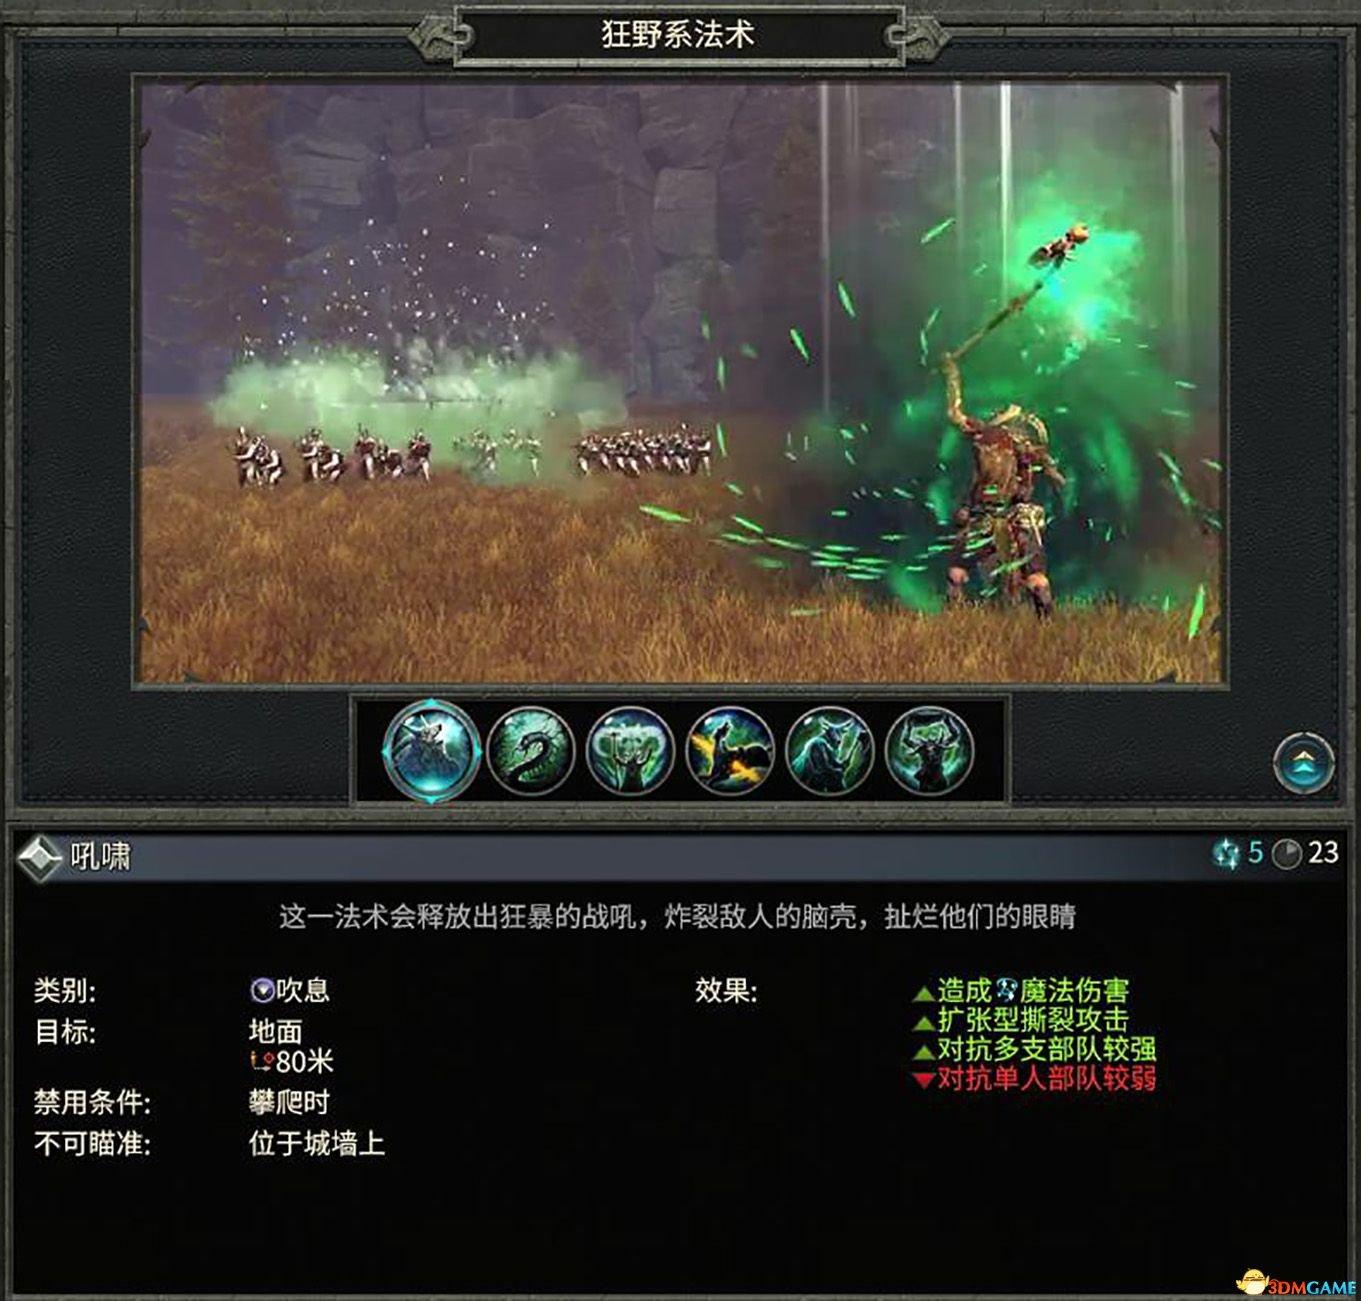 全面战争:战锤2魔法攻略全攻略派系图文新手雅典娜领主守卫兵种图片